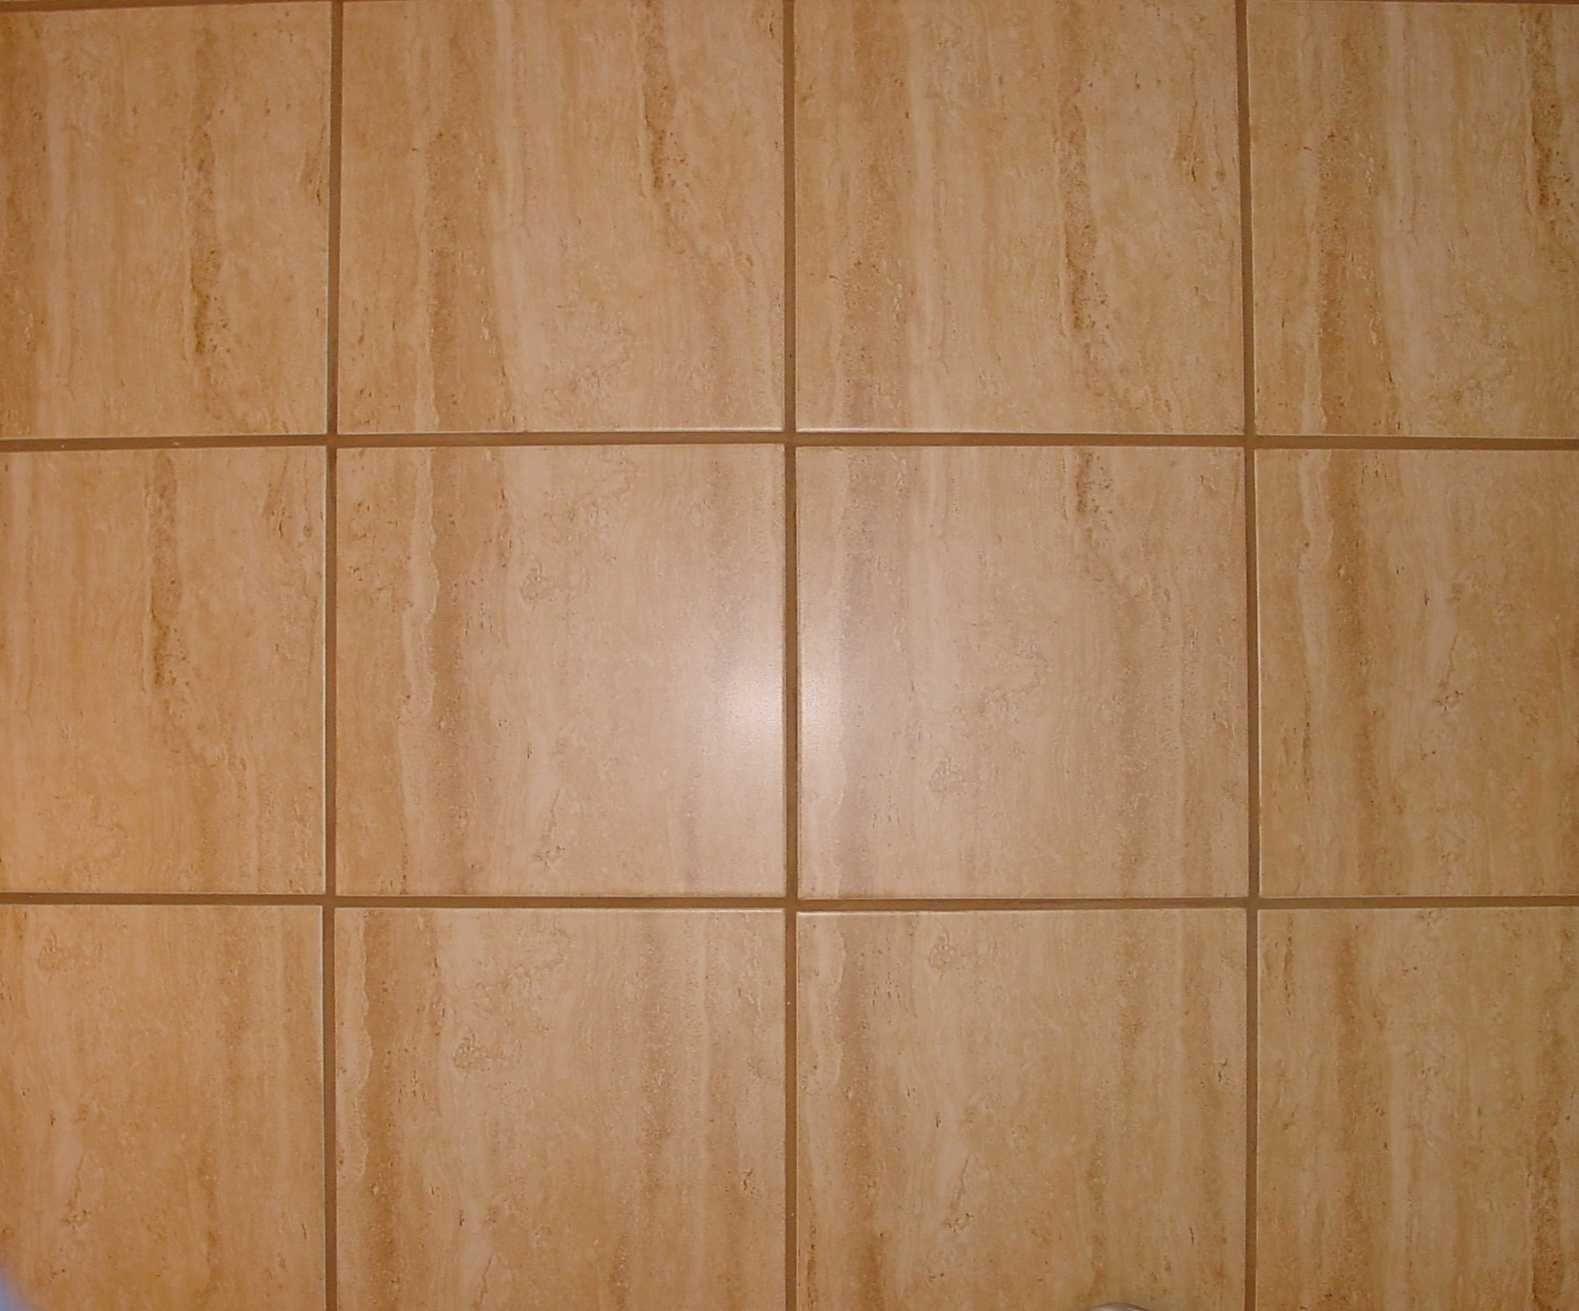 Living Room Floor Tiles Texture Tile Floor Living Room Flooring Flooring